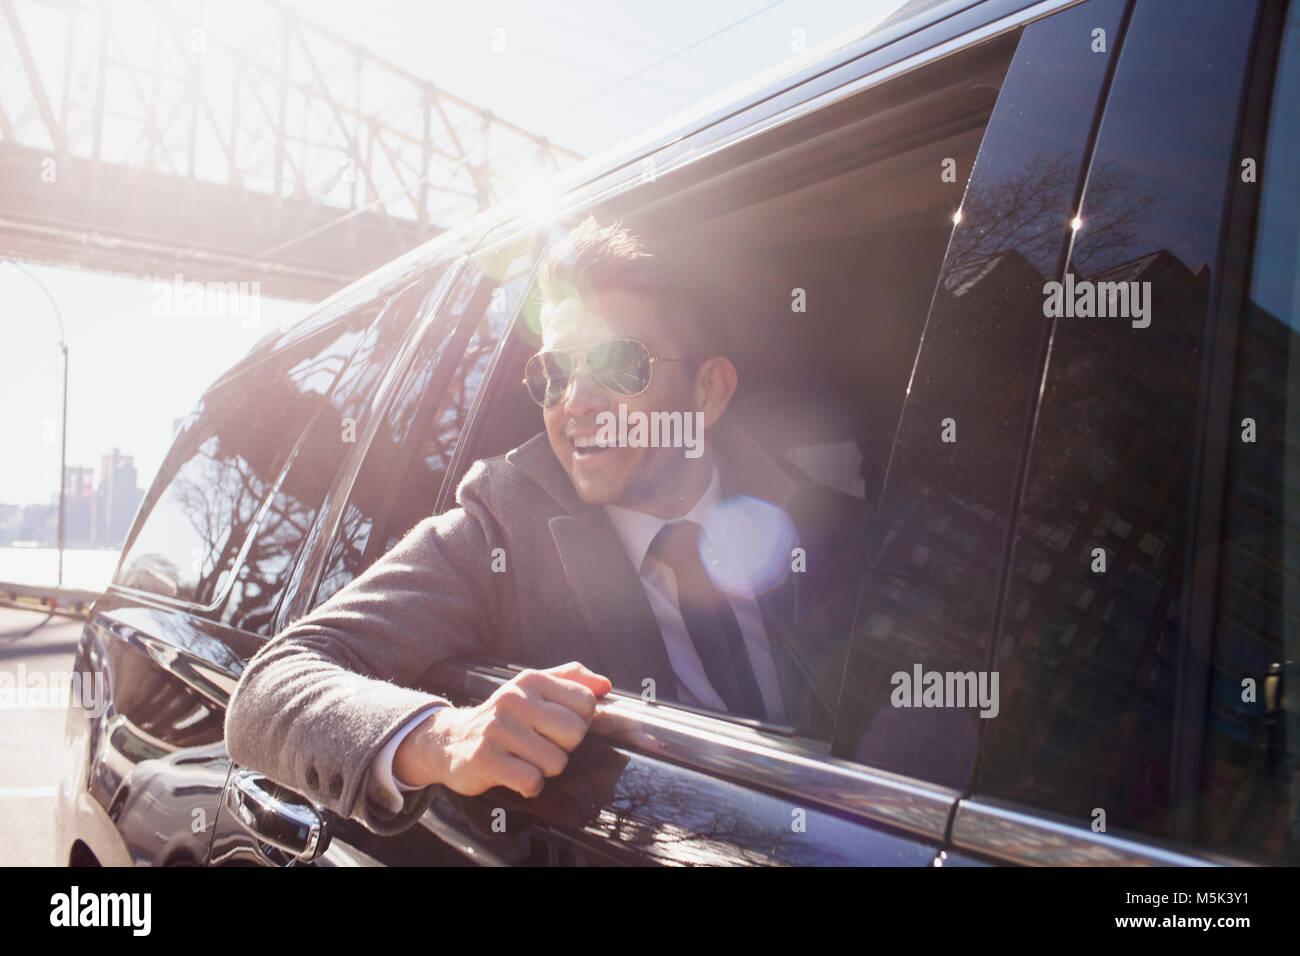 Empresa joven hombre mirando mirando por la ventana sentado en el coche limousine service Imagen De Stock